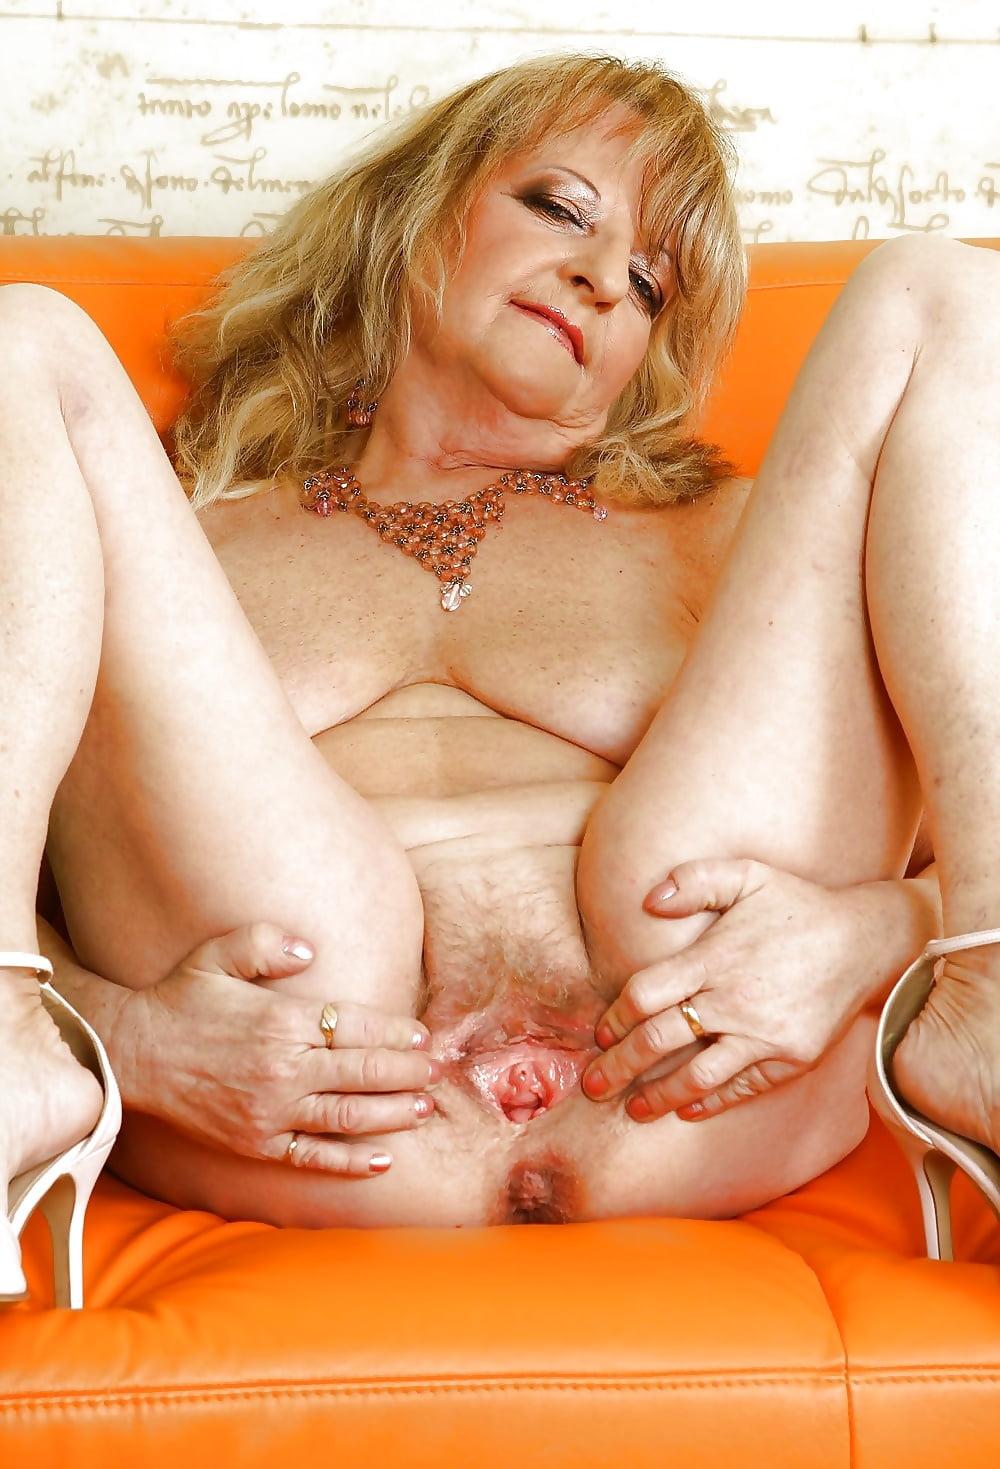 Tasty grannys pussy, club big boob porno